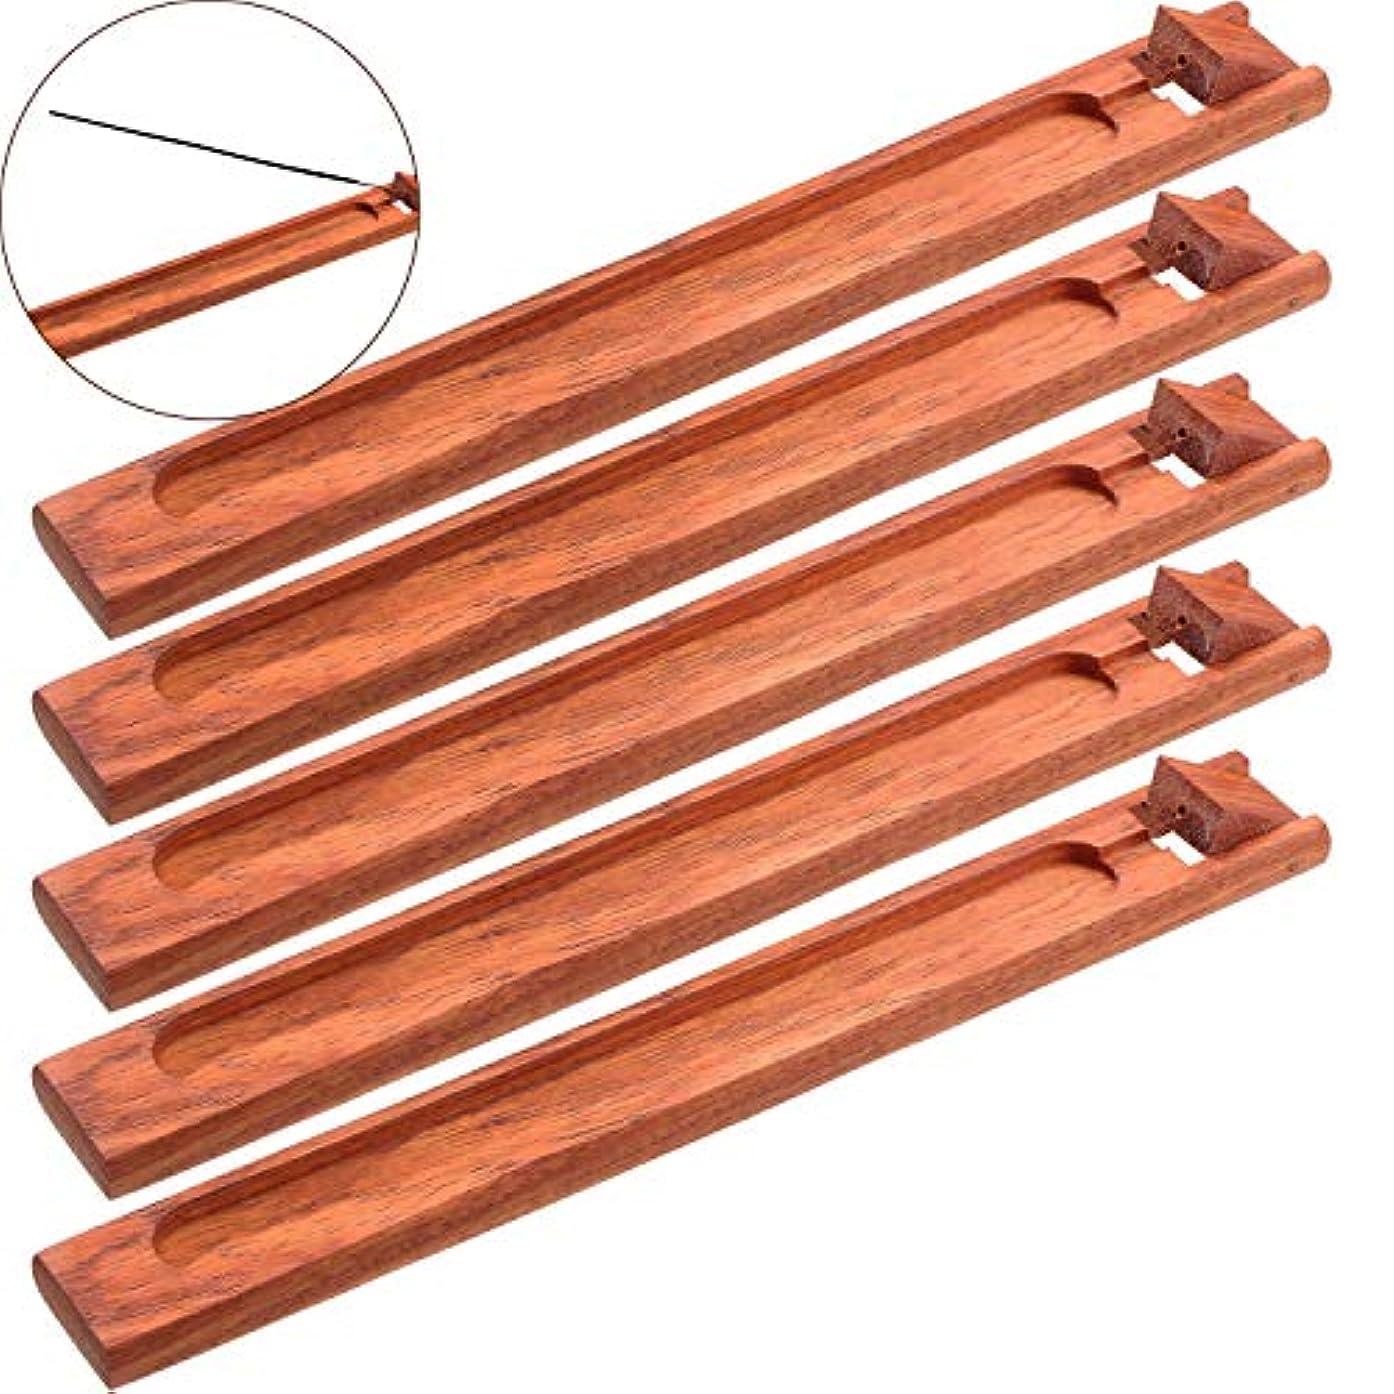 十高齢者程度Boao お香立て 5本セット 灰受け 9.06インチの長さ レッド Boao-Bamboo Incense Holder-01